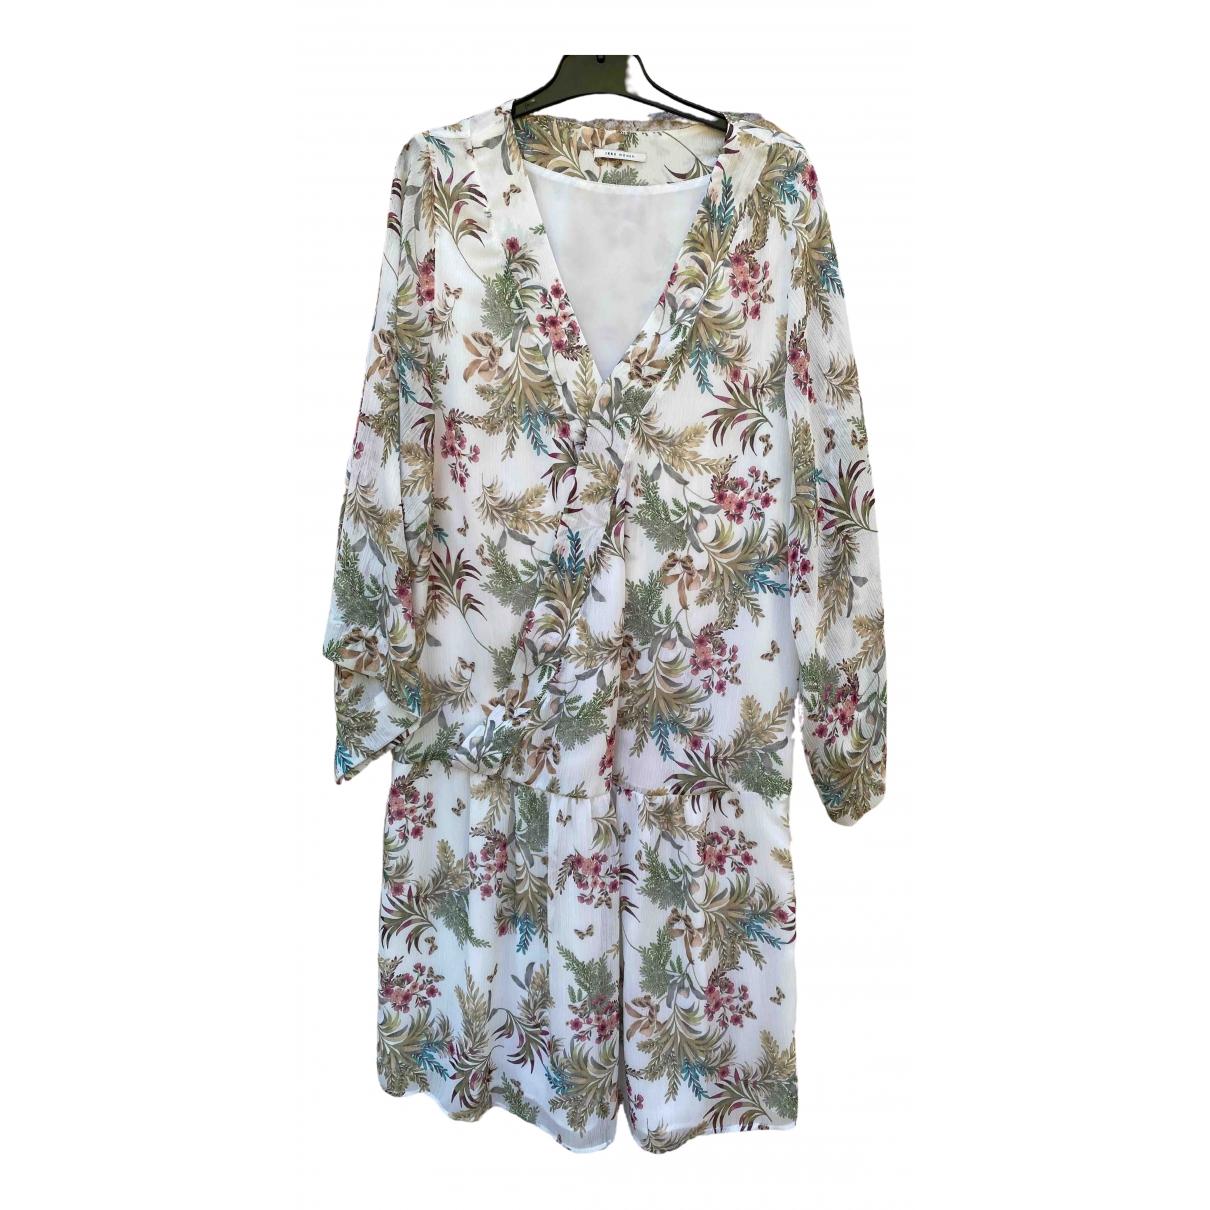 Ikks \N White dress for Women 36 FR